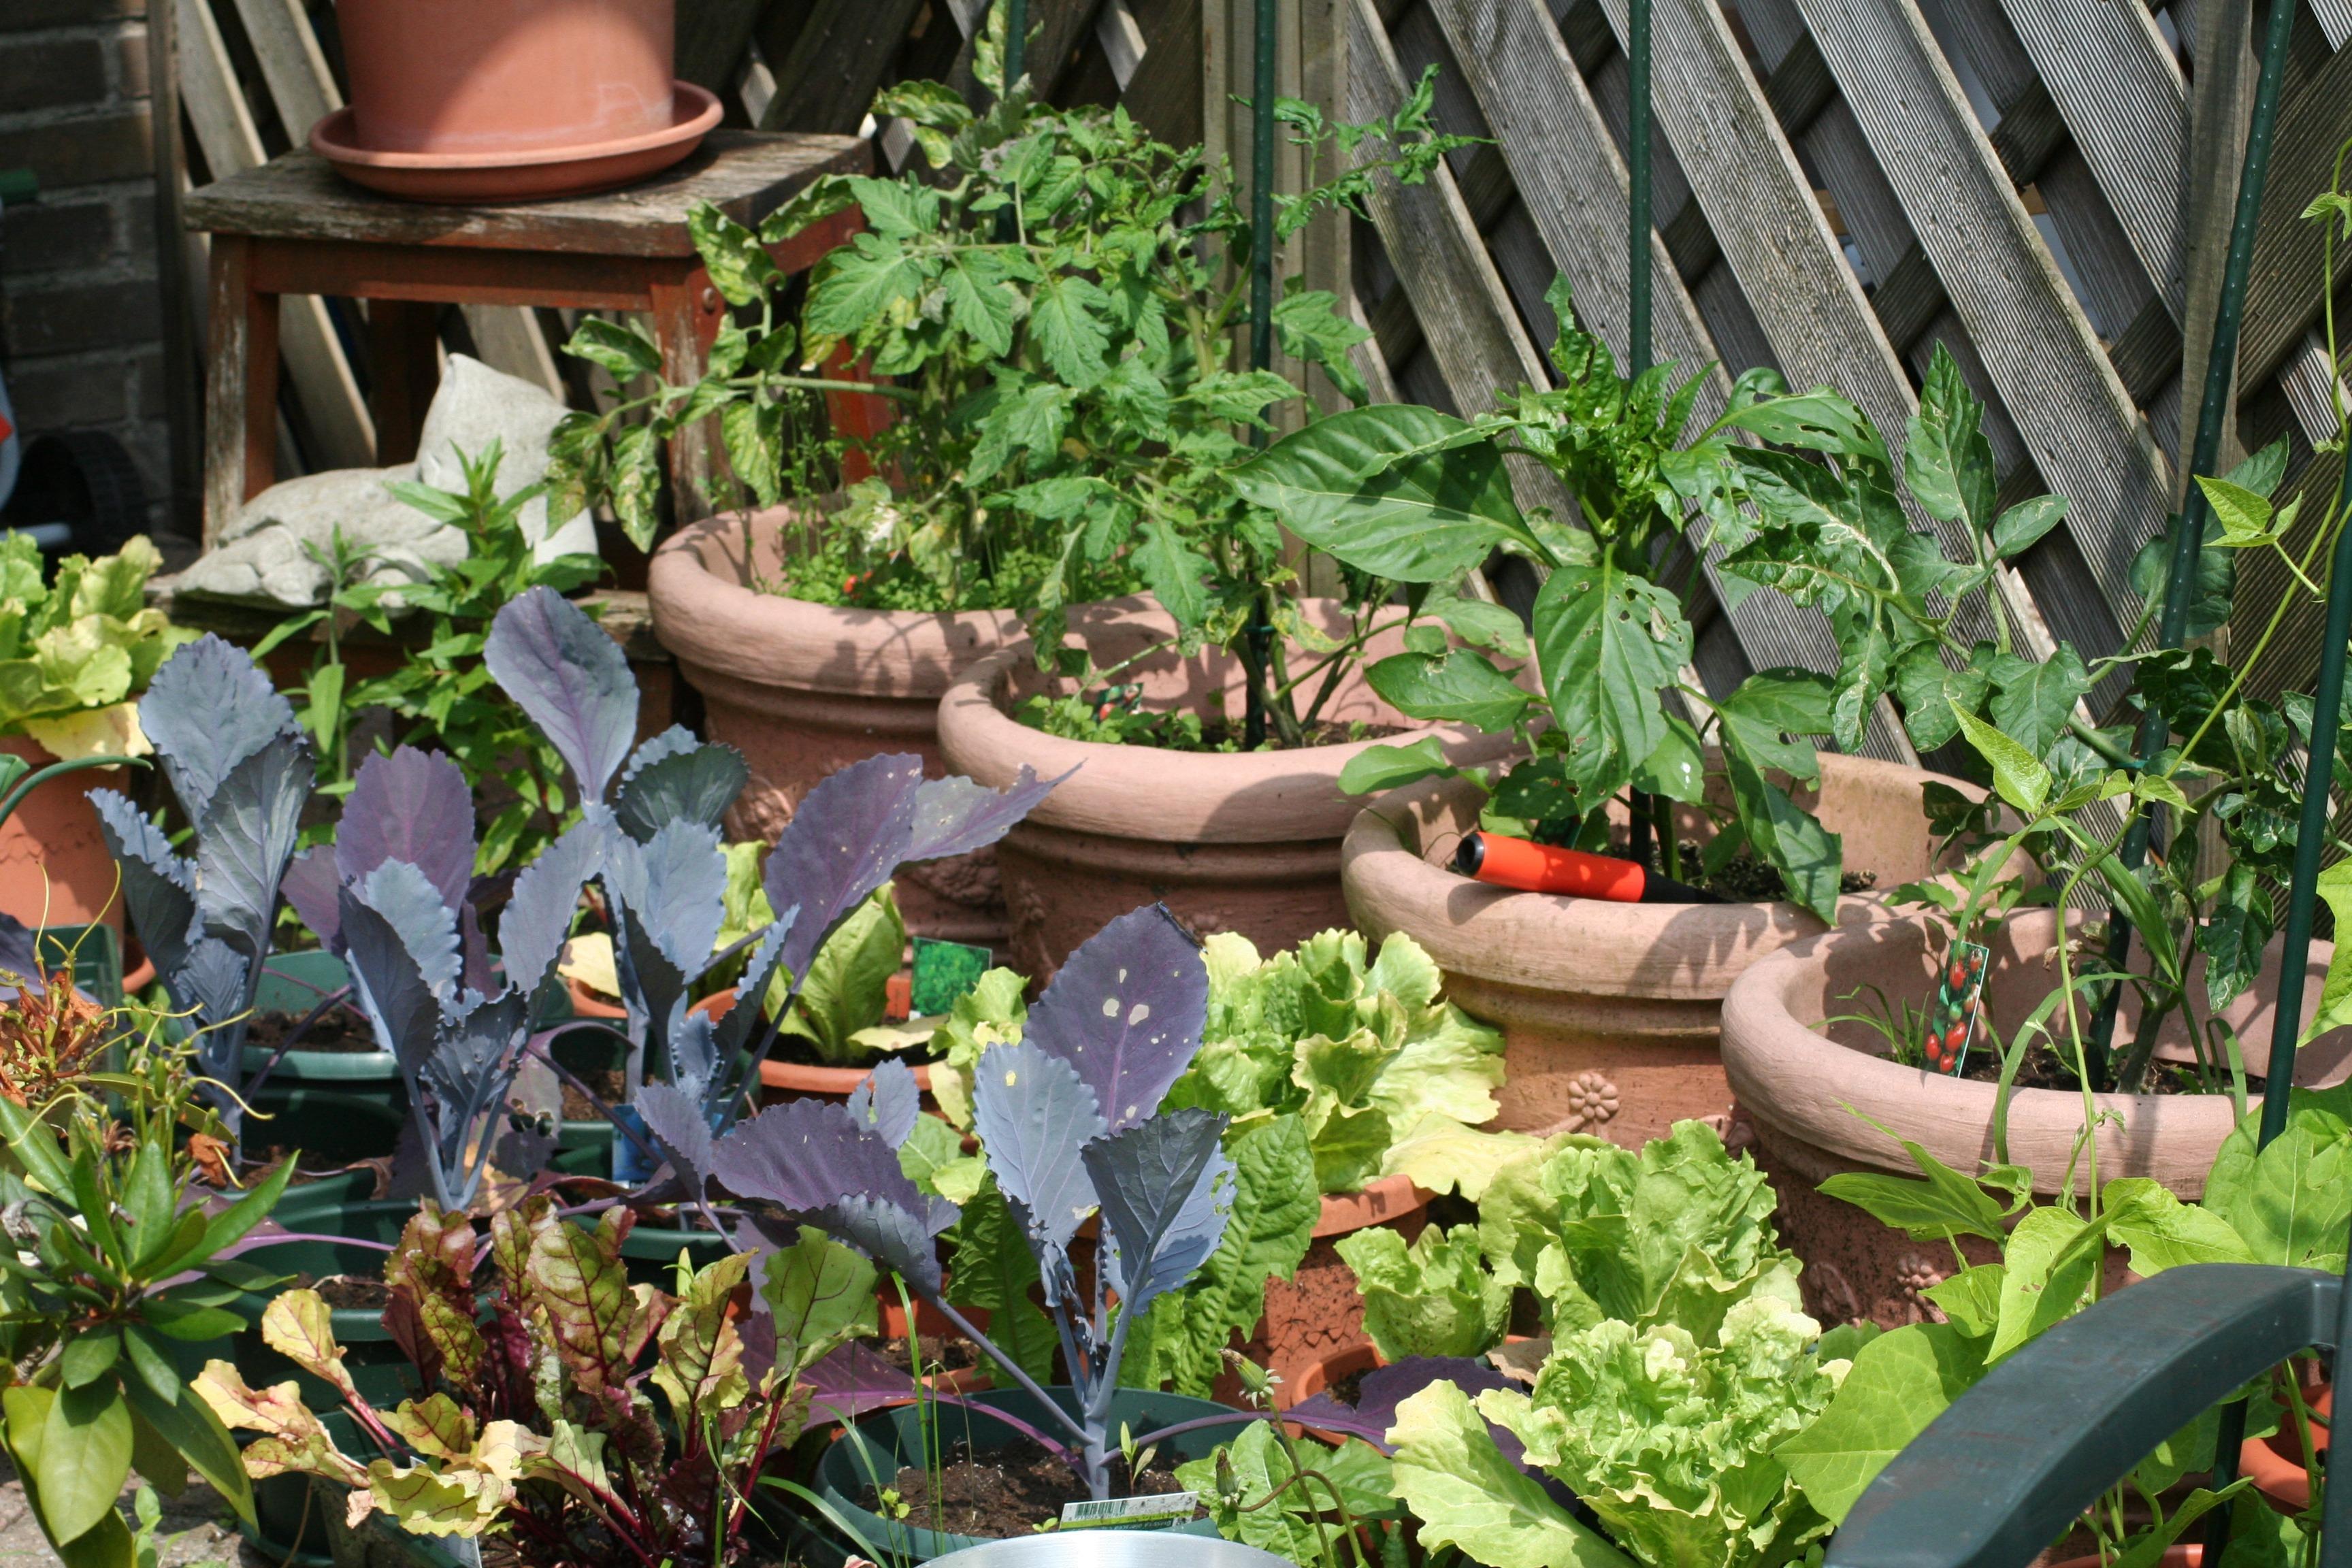 8bf347167 rastlina kvetina jedlo bylina vyrobiť zadný dvorček záhradný yard kuchynská  záhrada vlastnej kultivácie outdoor štruktúra